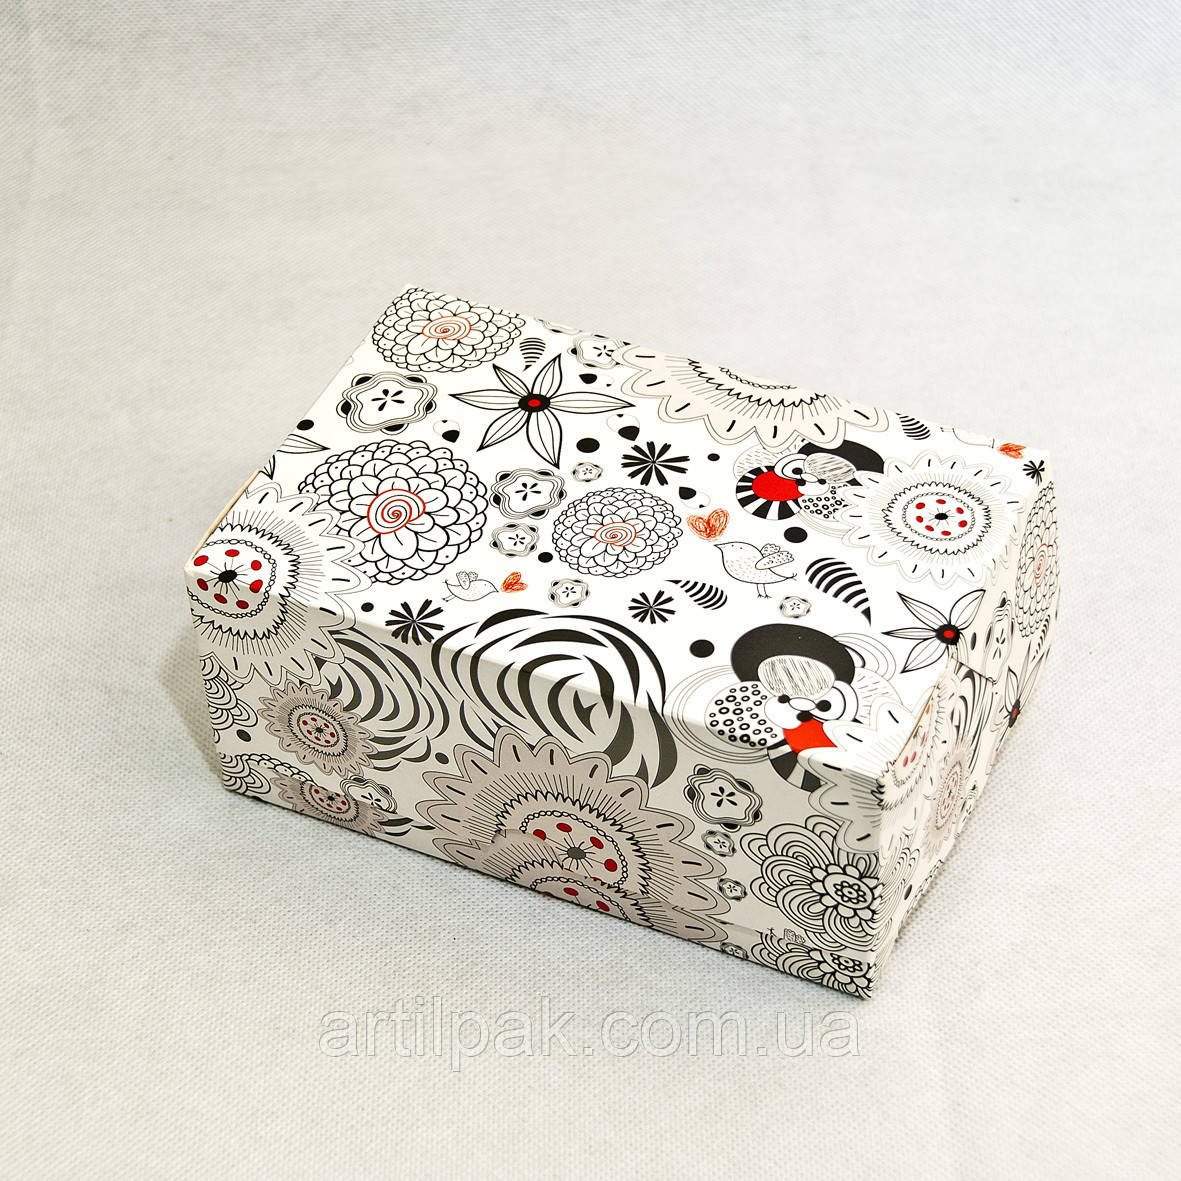 Коробка-контейнер 180*120*80 АБСТРАКЦІЯ ЧОРНО-БІЛА